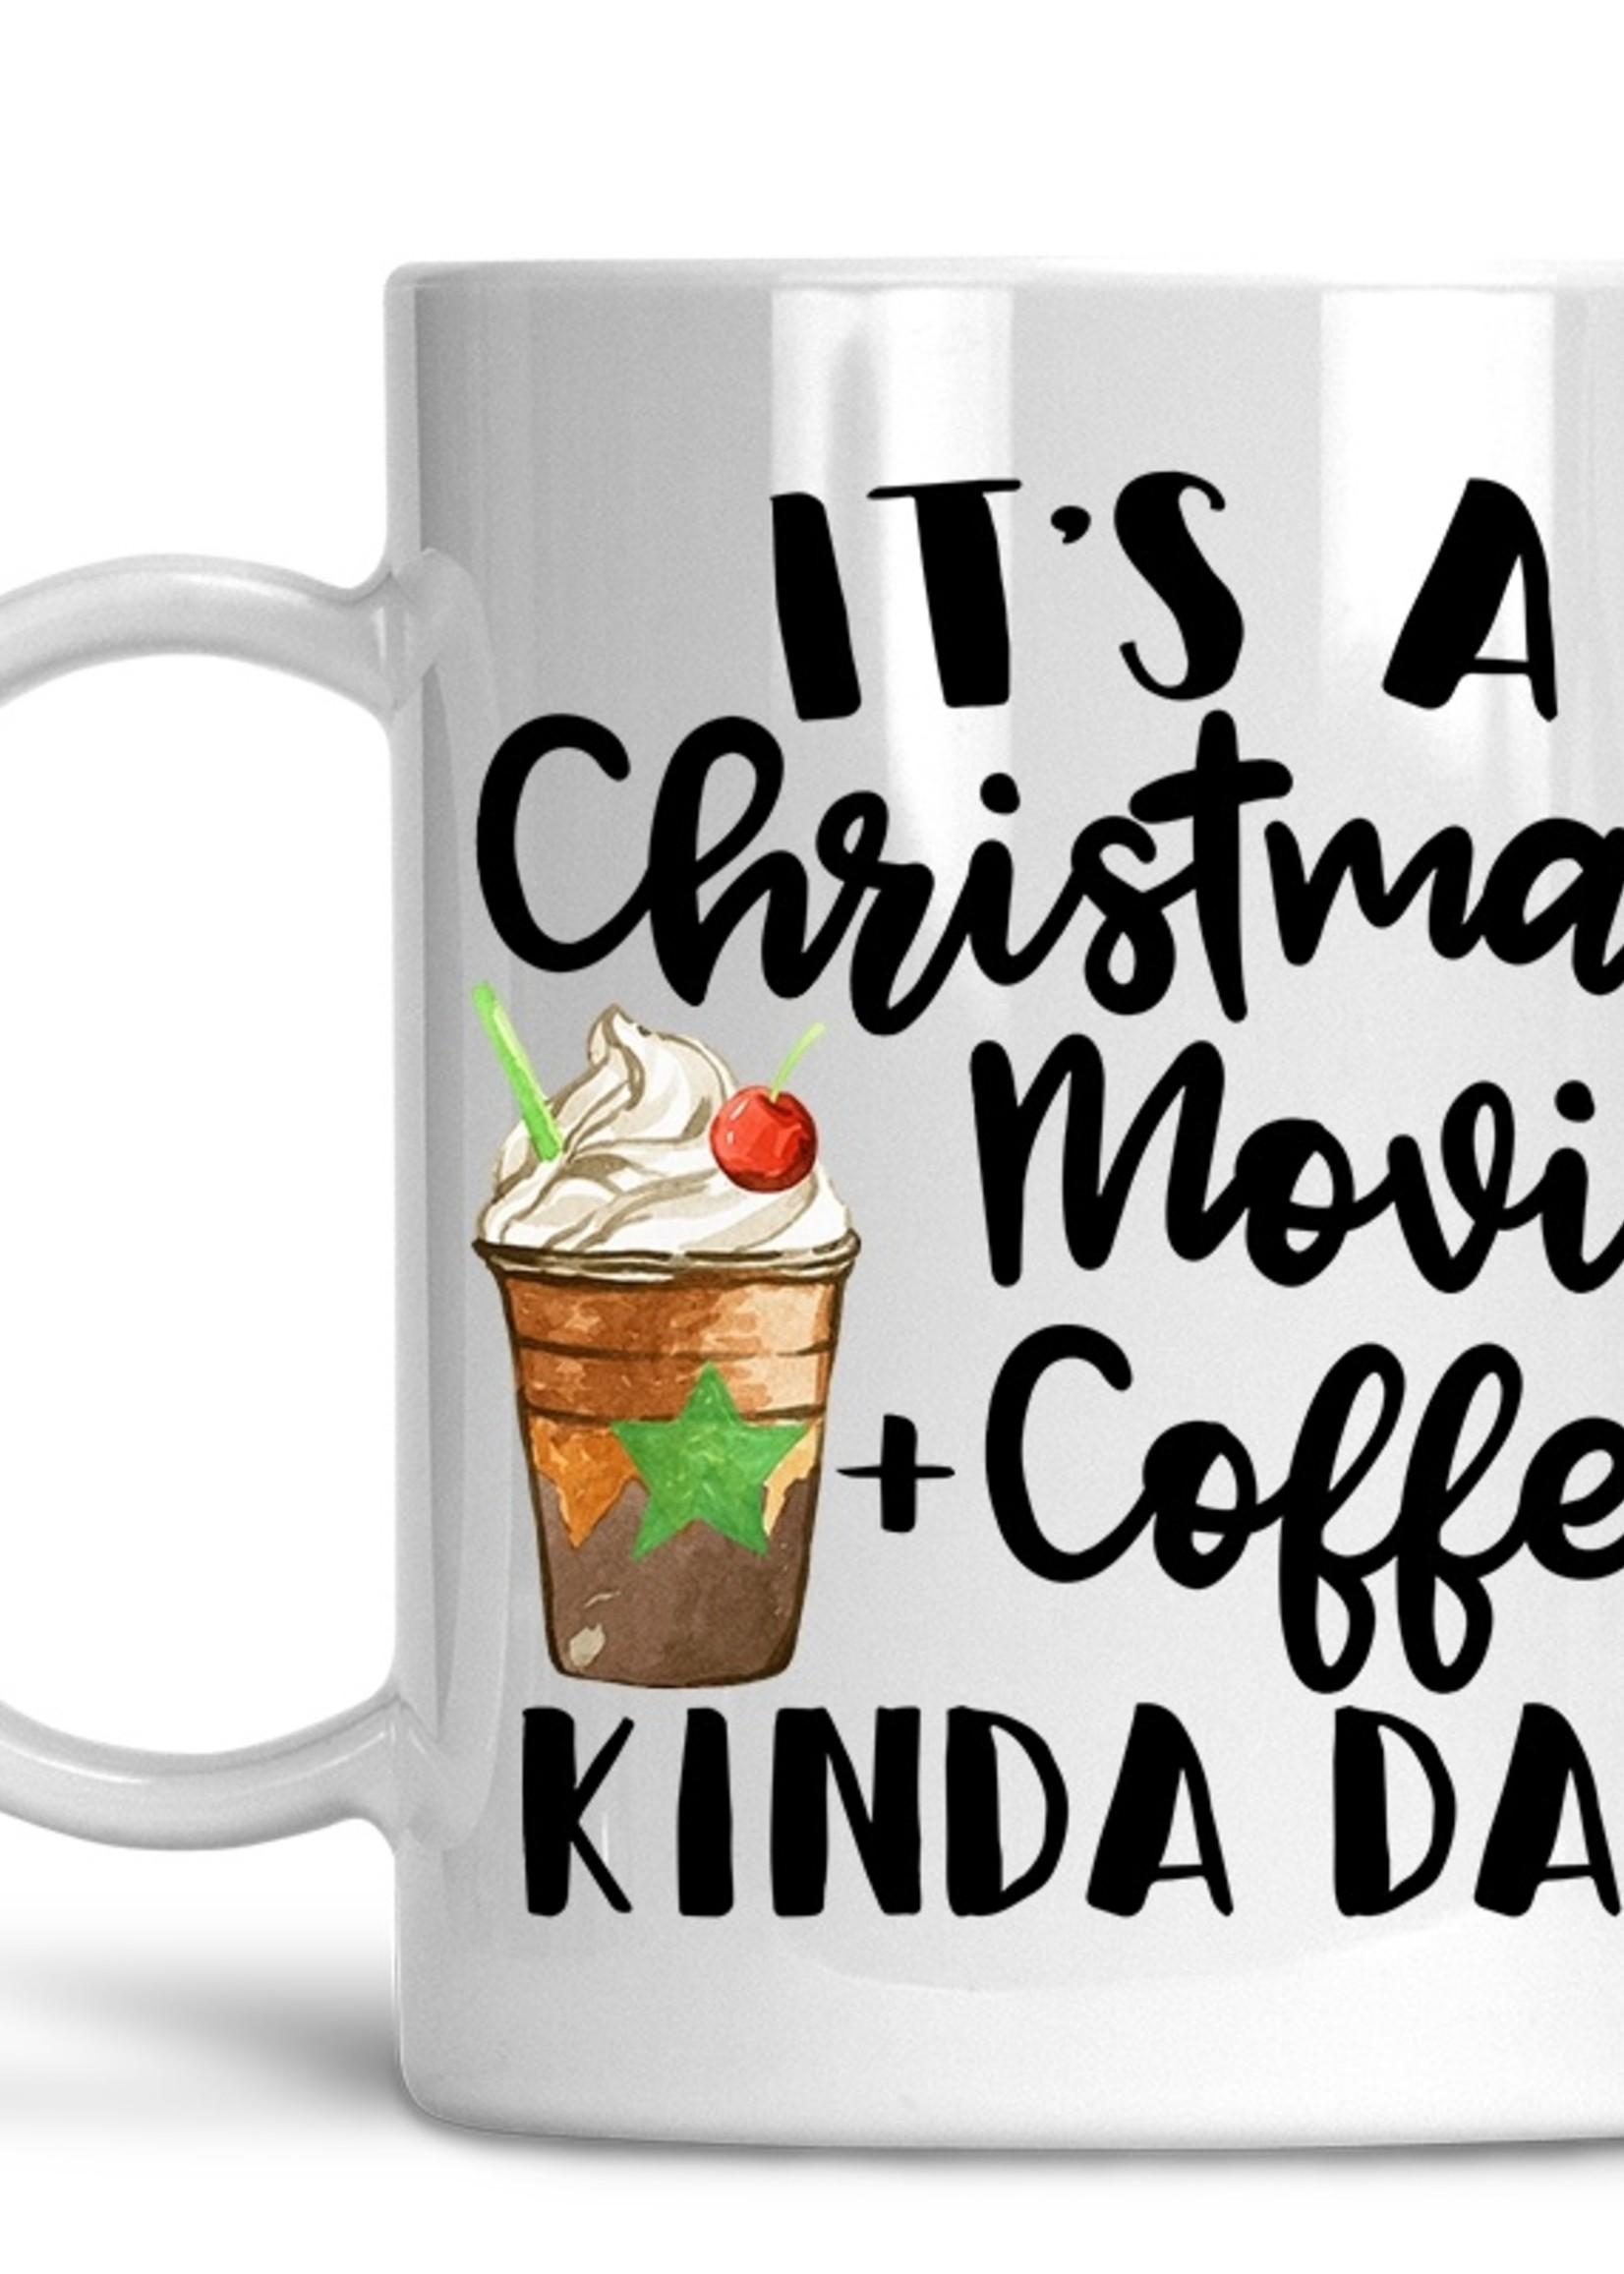 Movie and Coffee Kinda Day - Christmas Coffee Mug